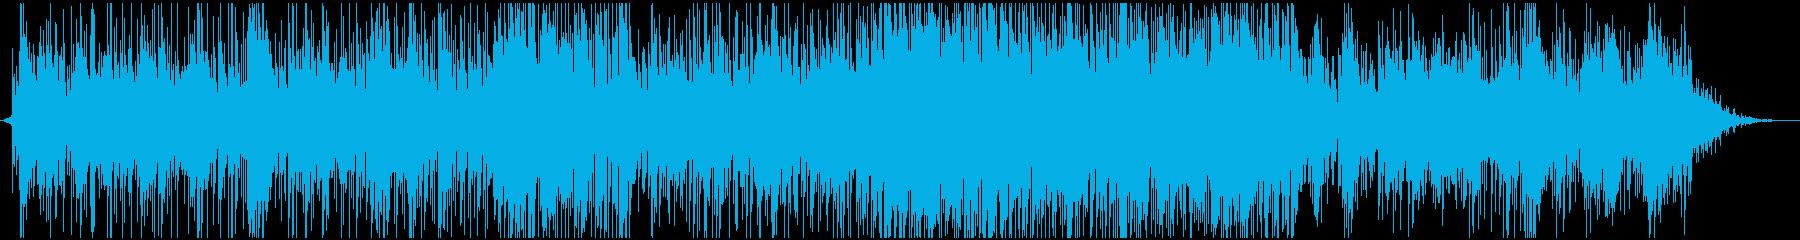 ピアノ系ラテンジャズフュージョンバンドの再生済みの波形